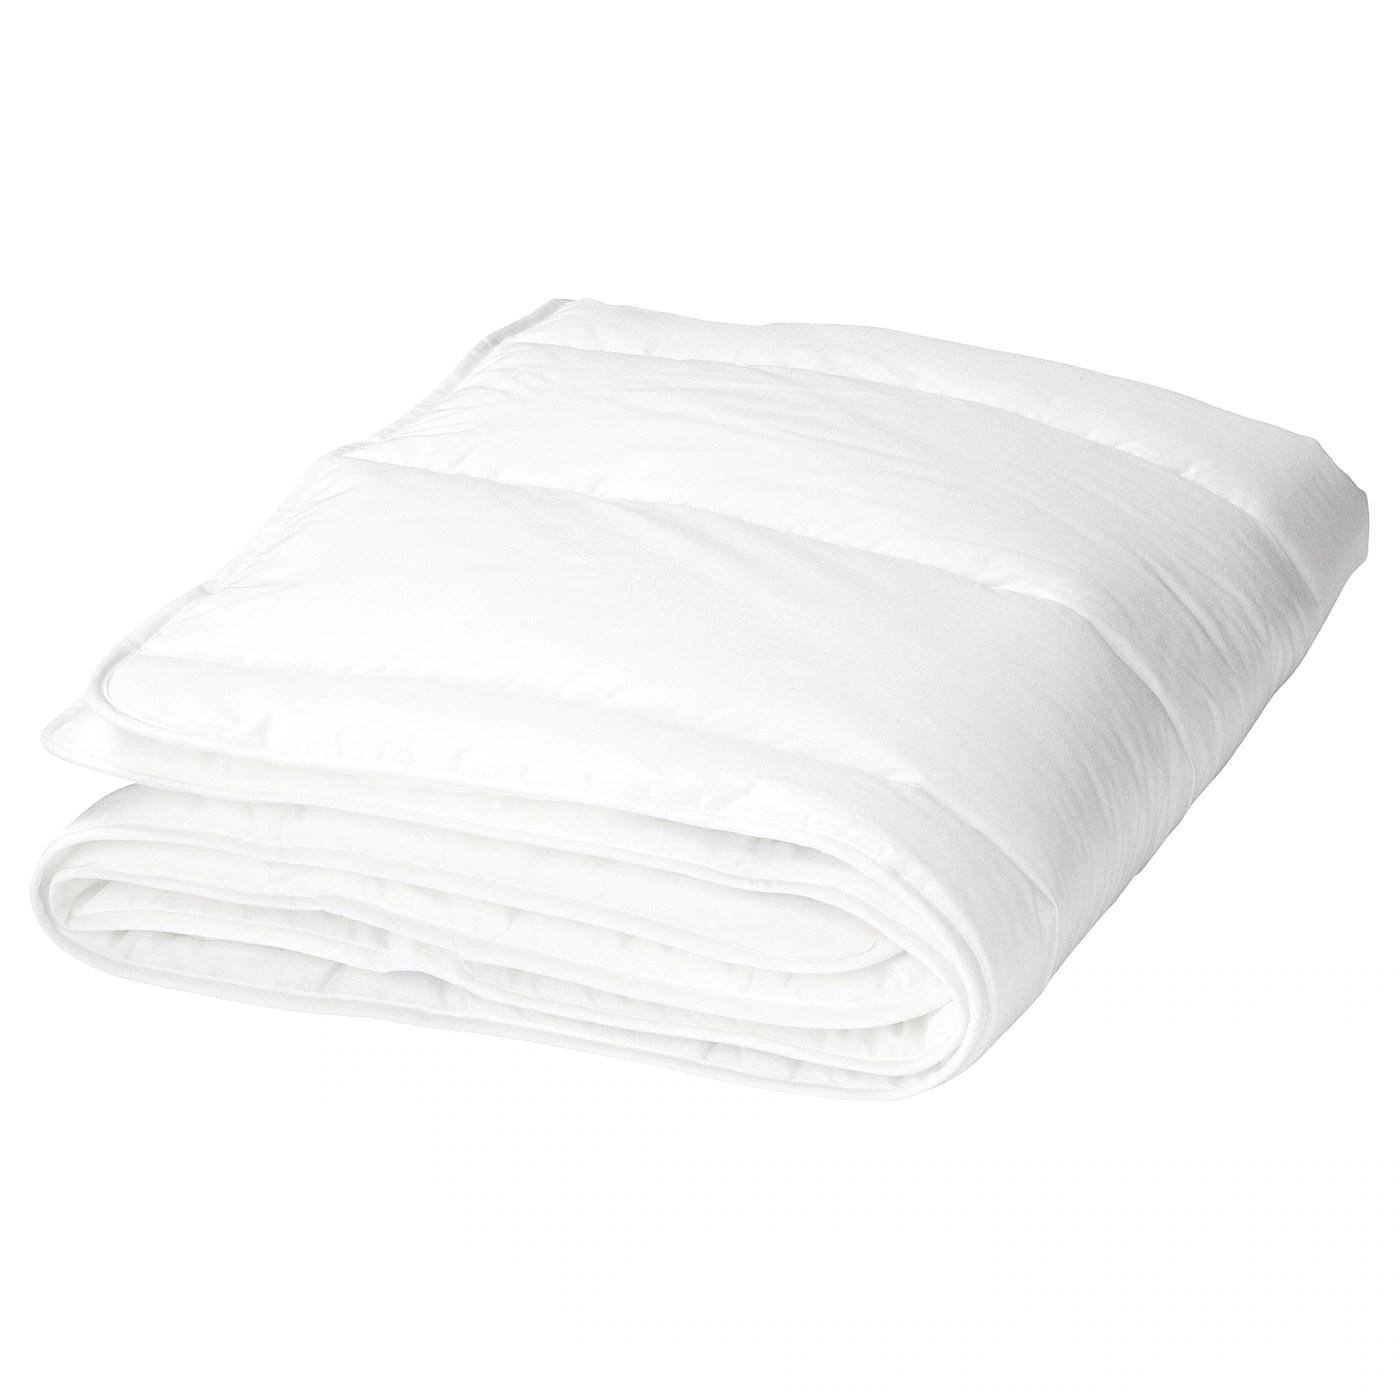 len couette pour lit bebe blanc 110x125 cm